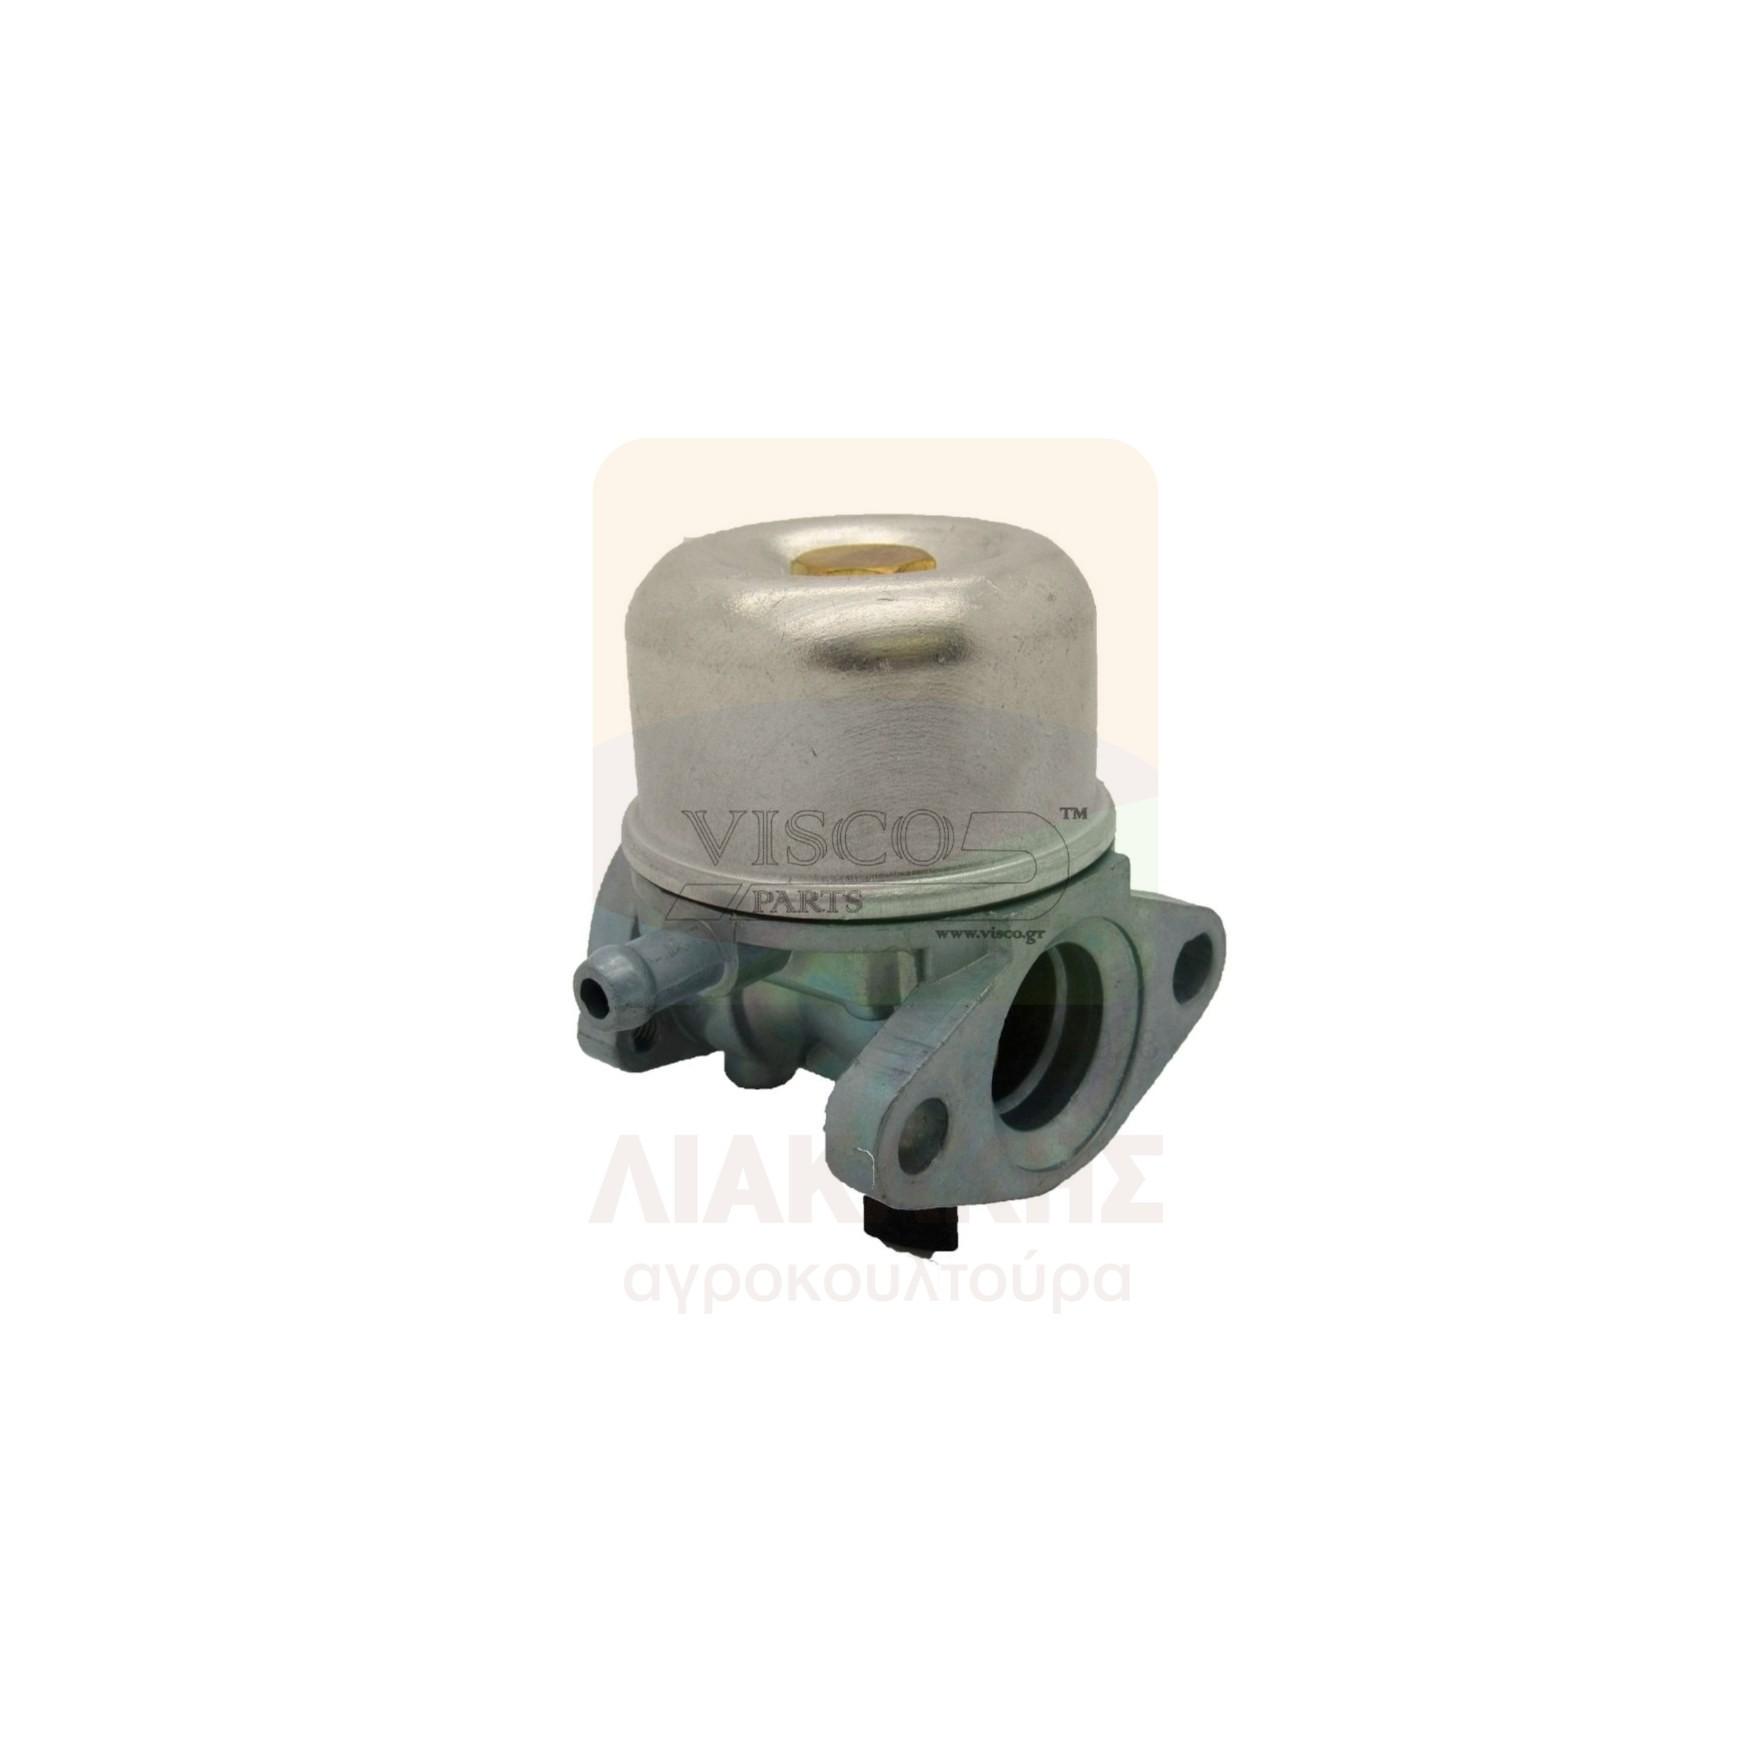 ΚΑΡ-071 Καρμπυρατέρ B & S QUANTUM 5.0-5.5-6.0-6.5 HP